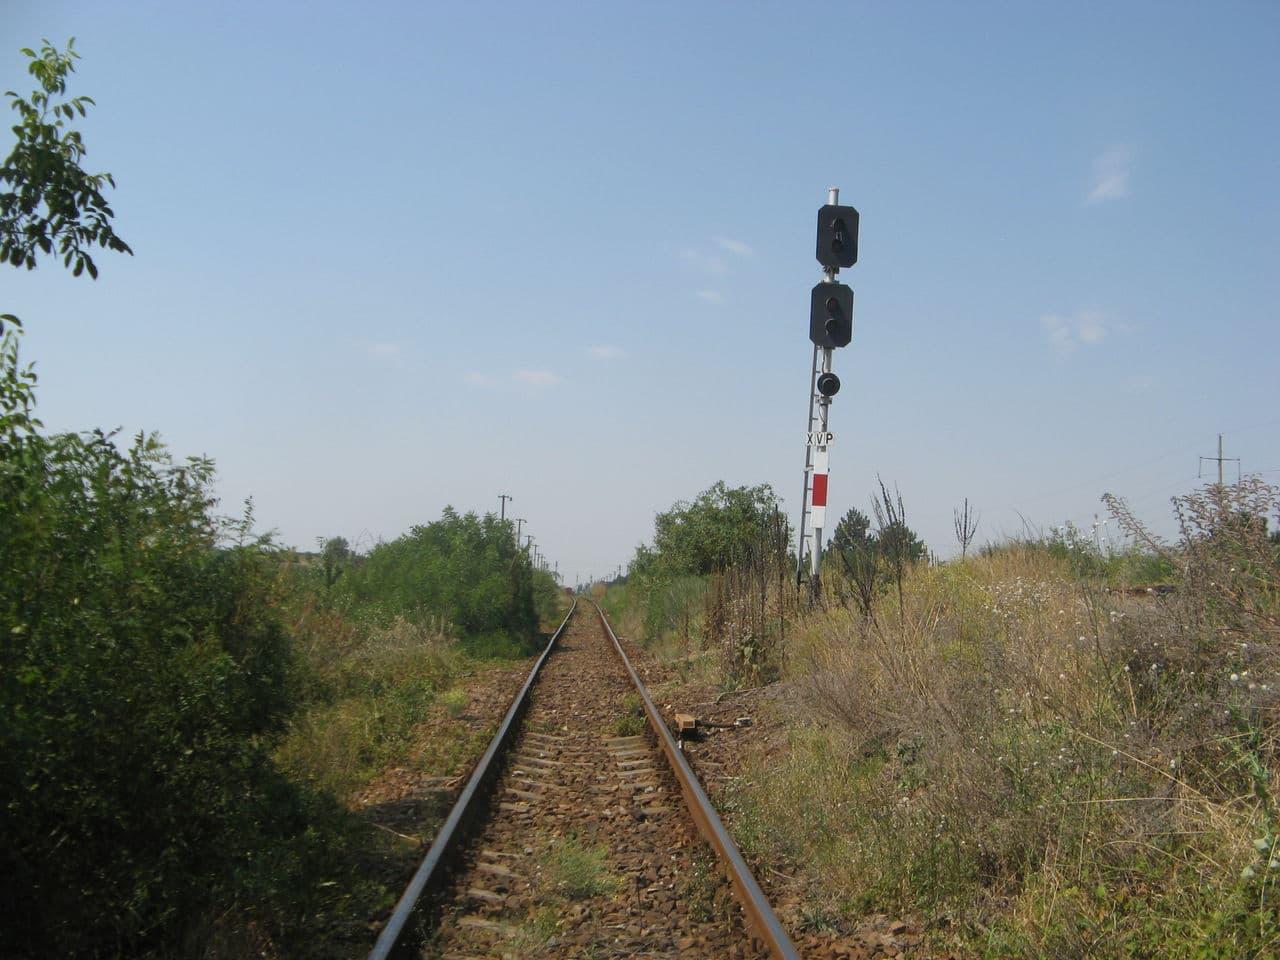 Calea ferată directă Oradea Vest - Episcopia Bihor IMG_0070